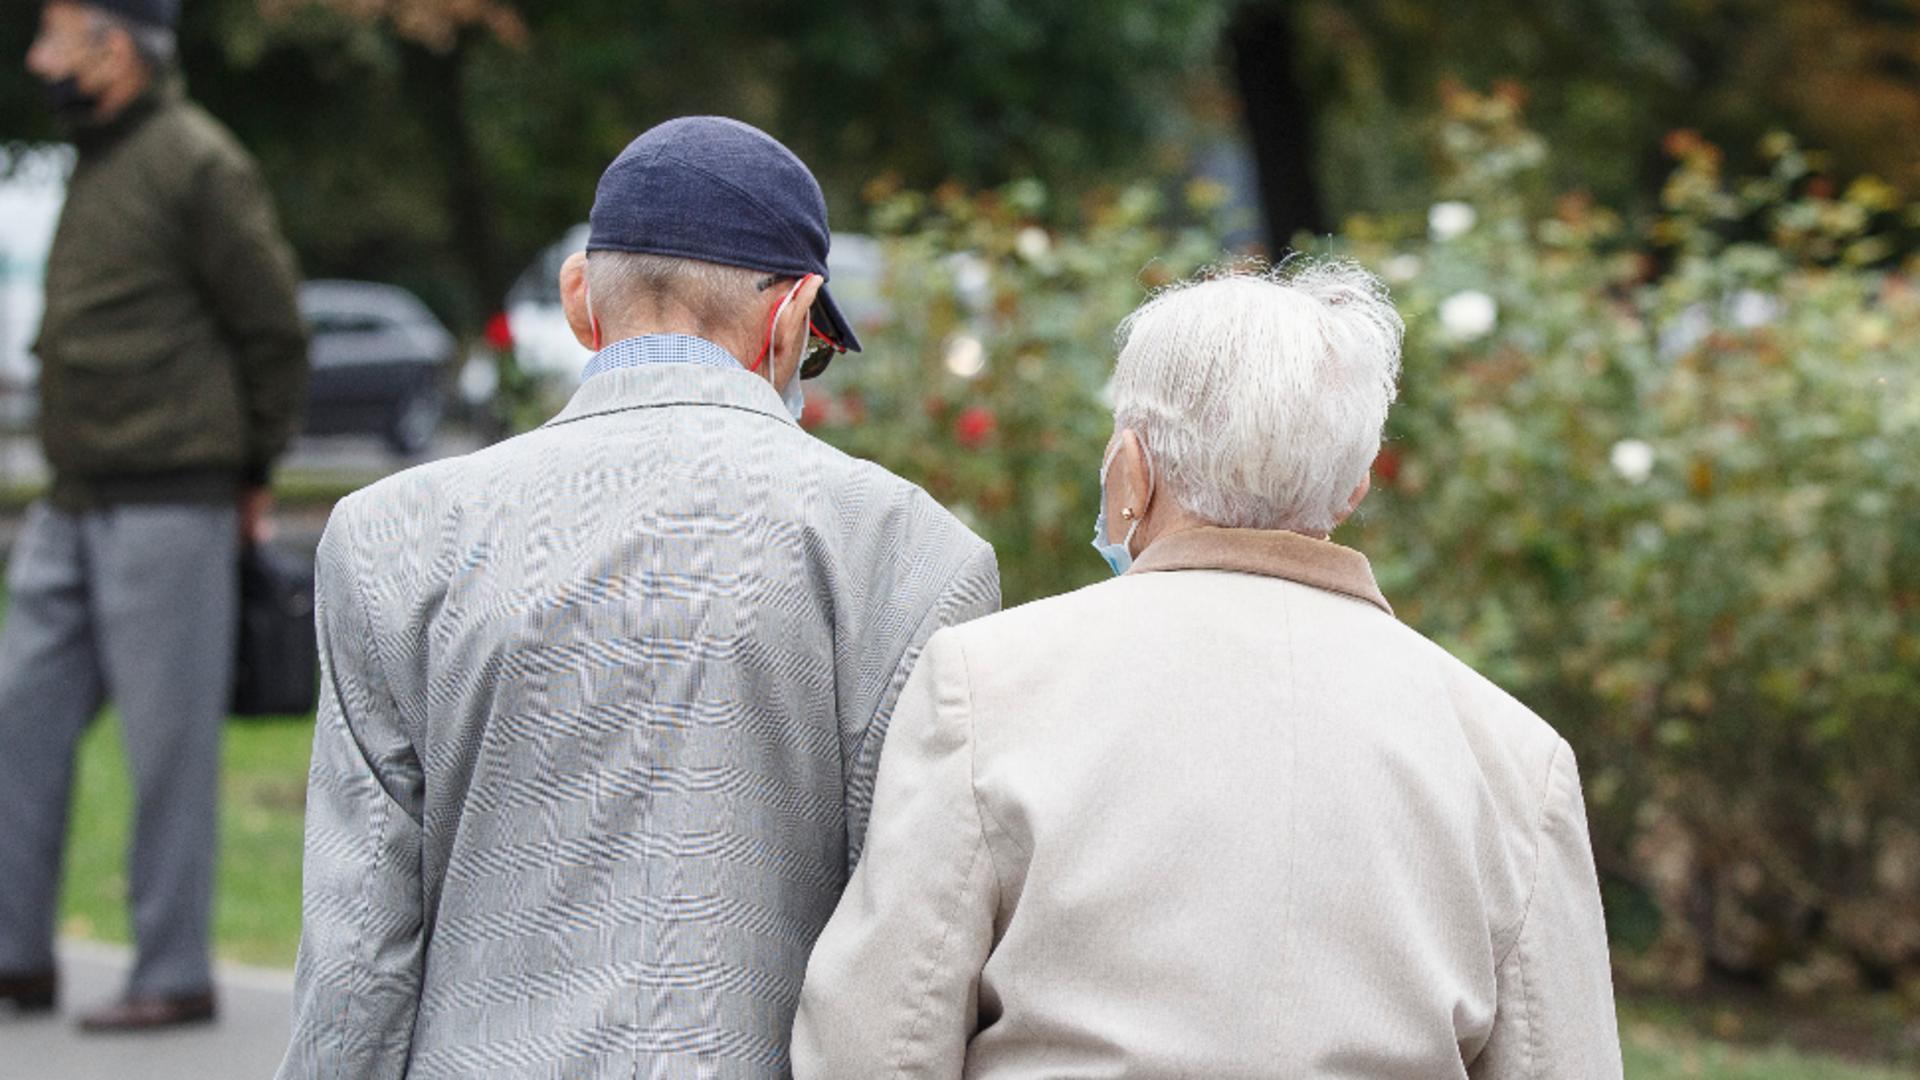 Ce se întâmplă cu pensiile? / Foto: Inquam Photos